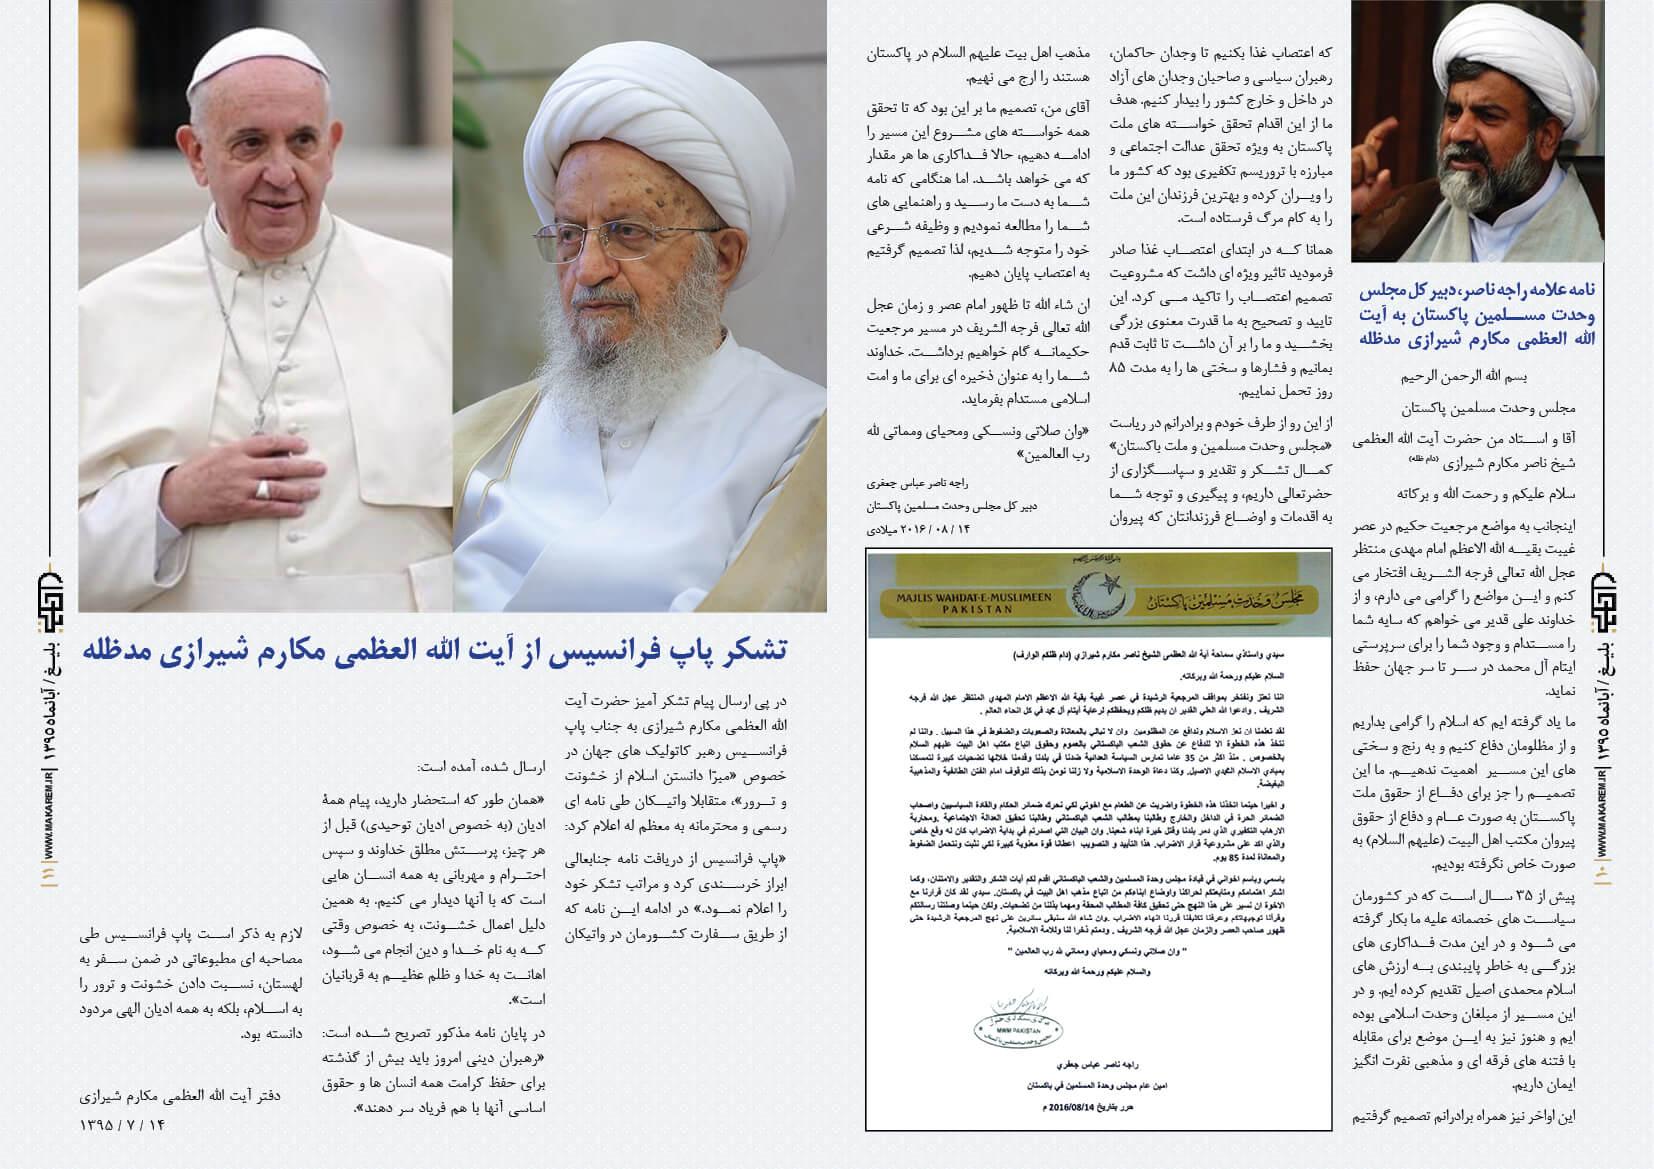 تشکر پاپ فرانسیس از آیت الله العظمی مکارم شیرازی-مدرسه الامام امیر المومنین (ع)